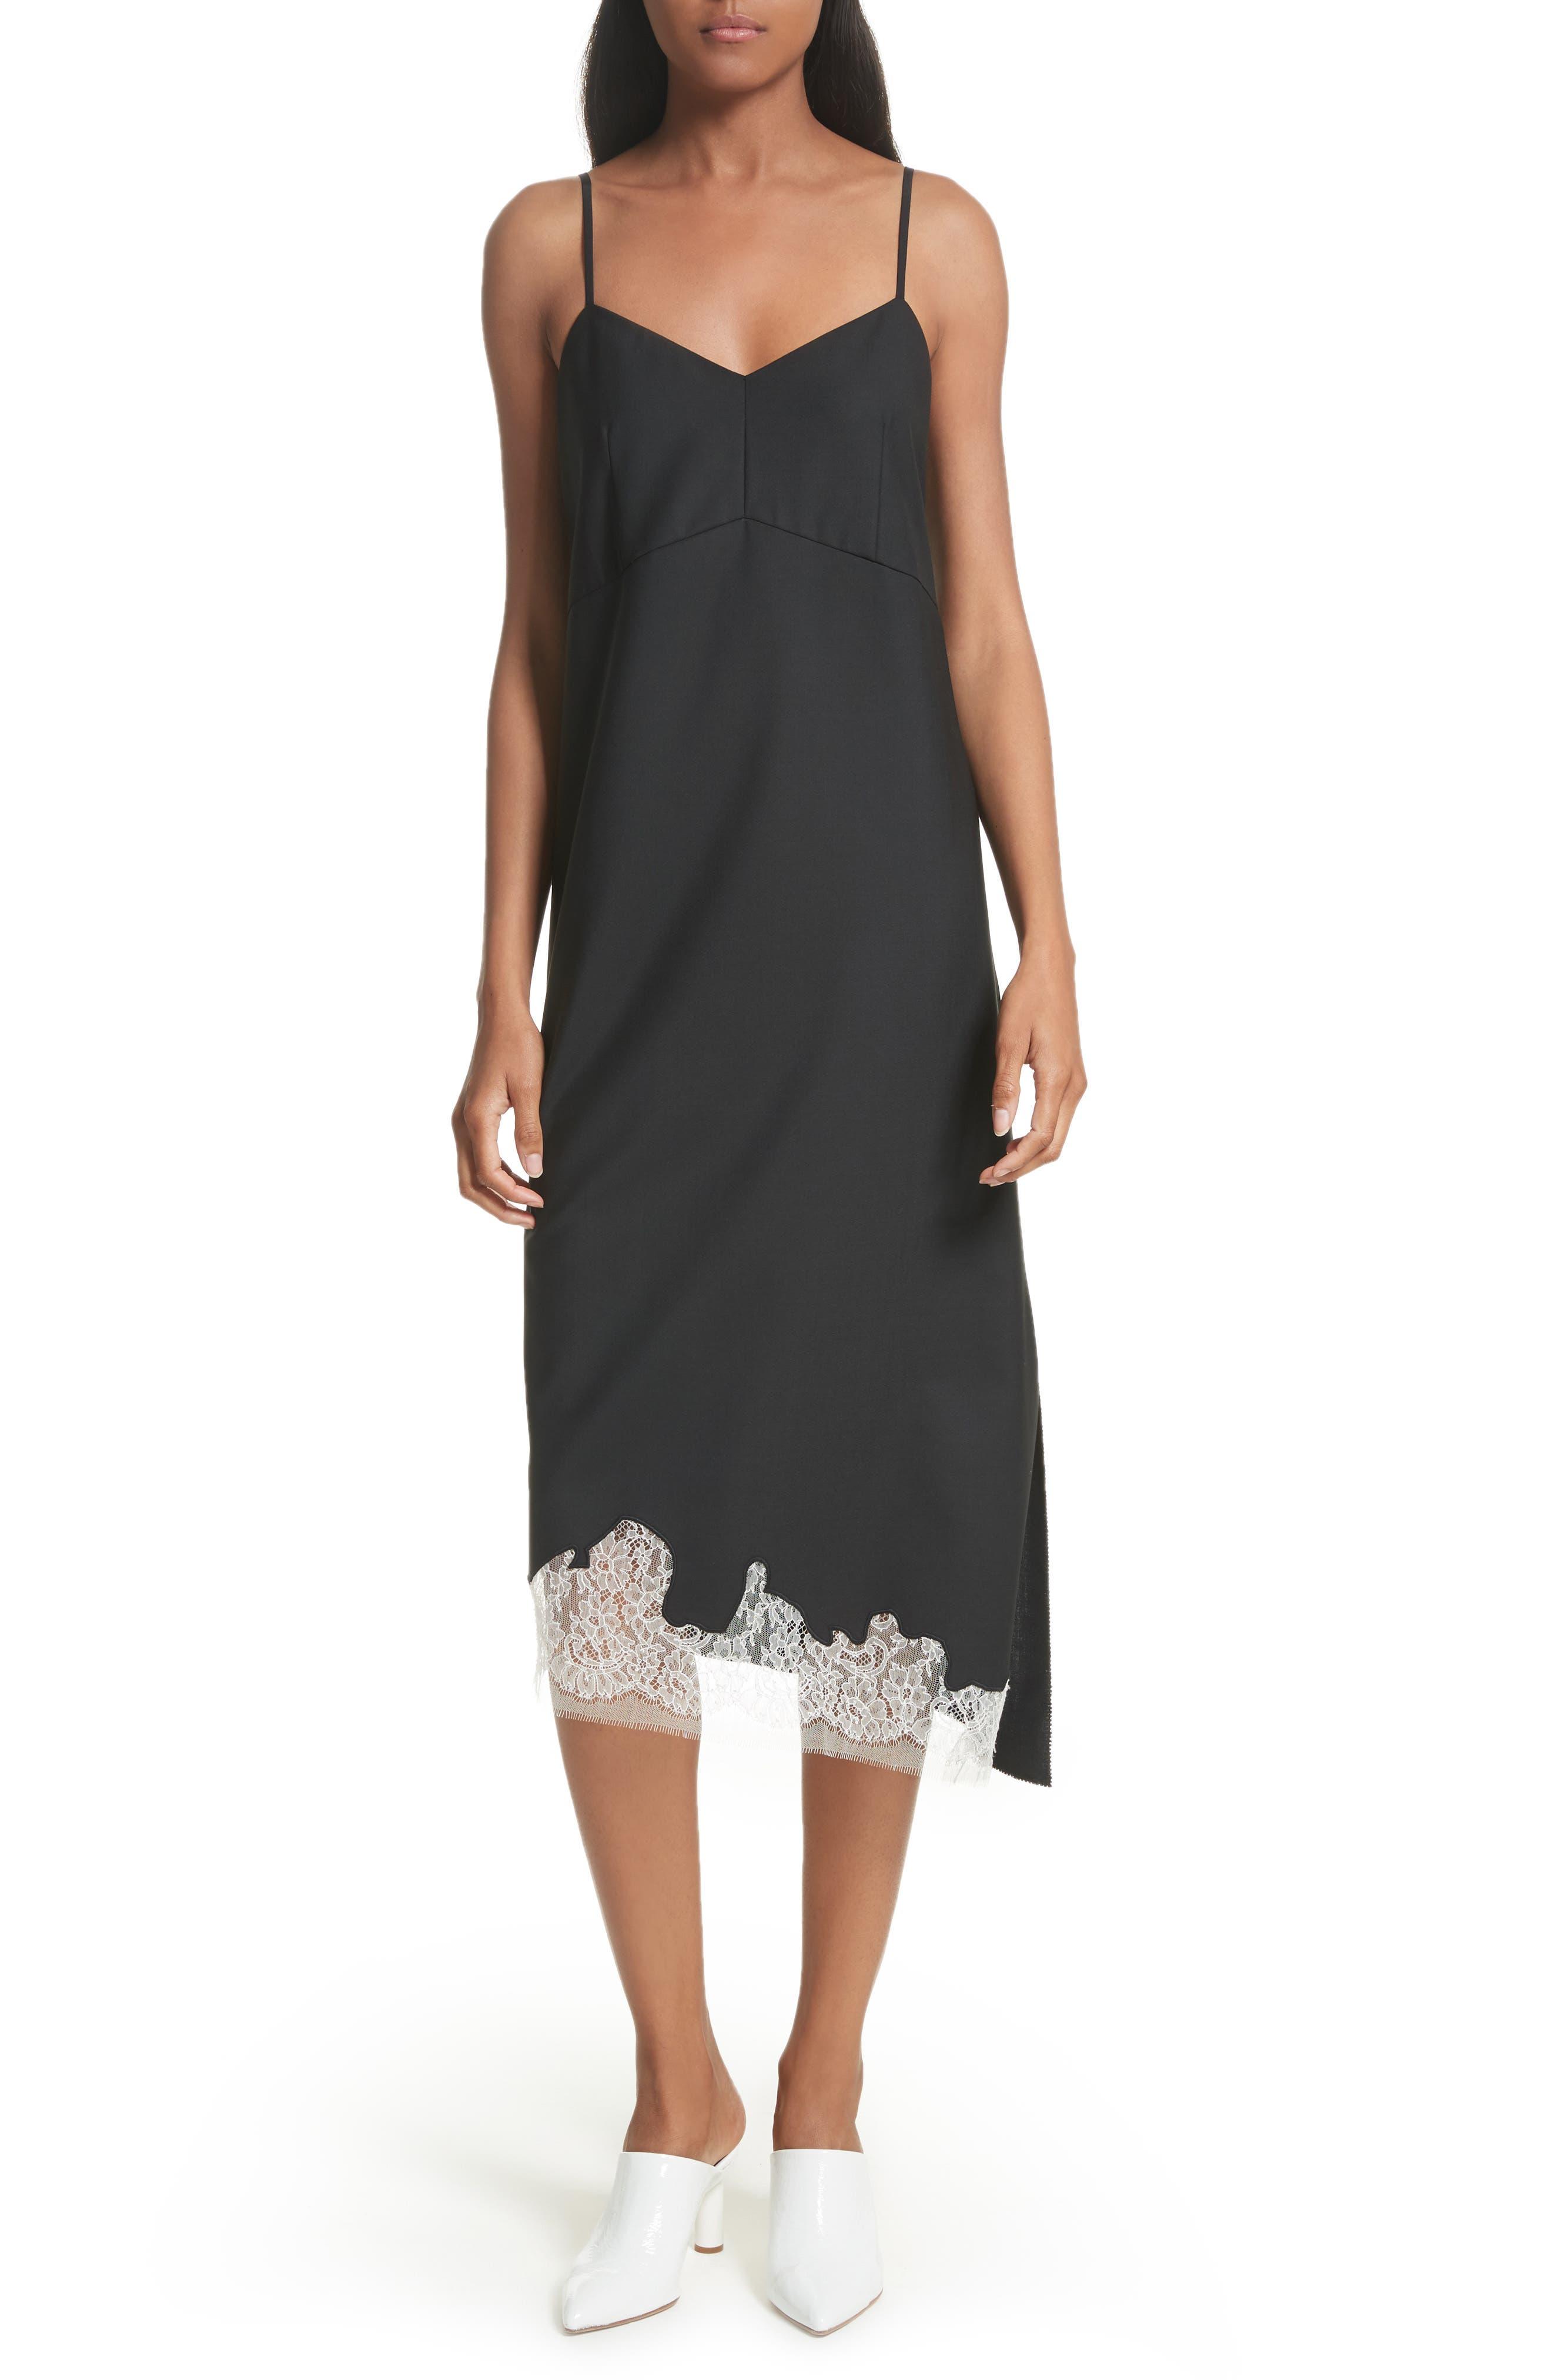 Lou Lou Appliqué Dress,                             Main thumbnail 1, color,                             Black